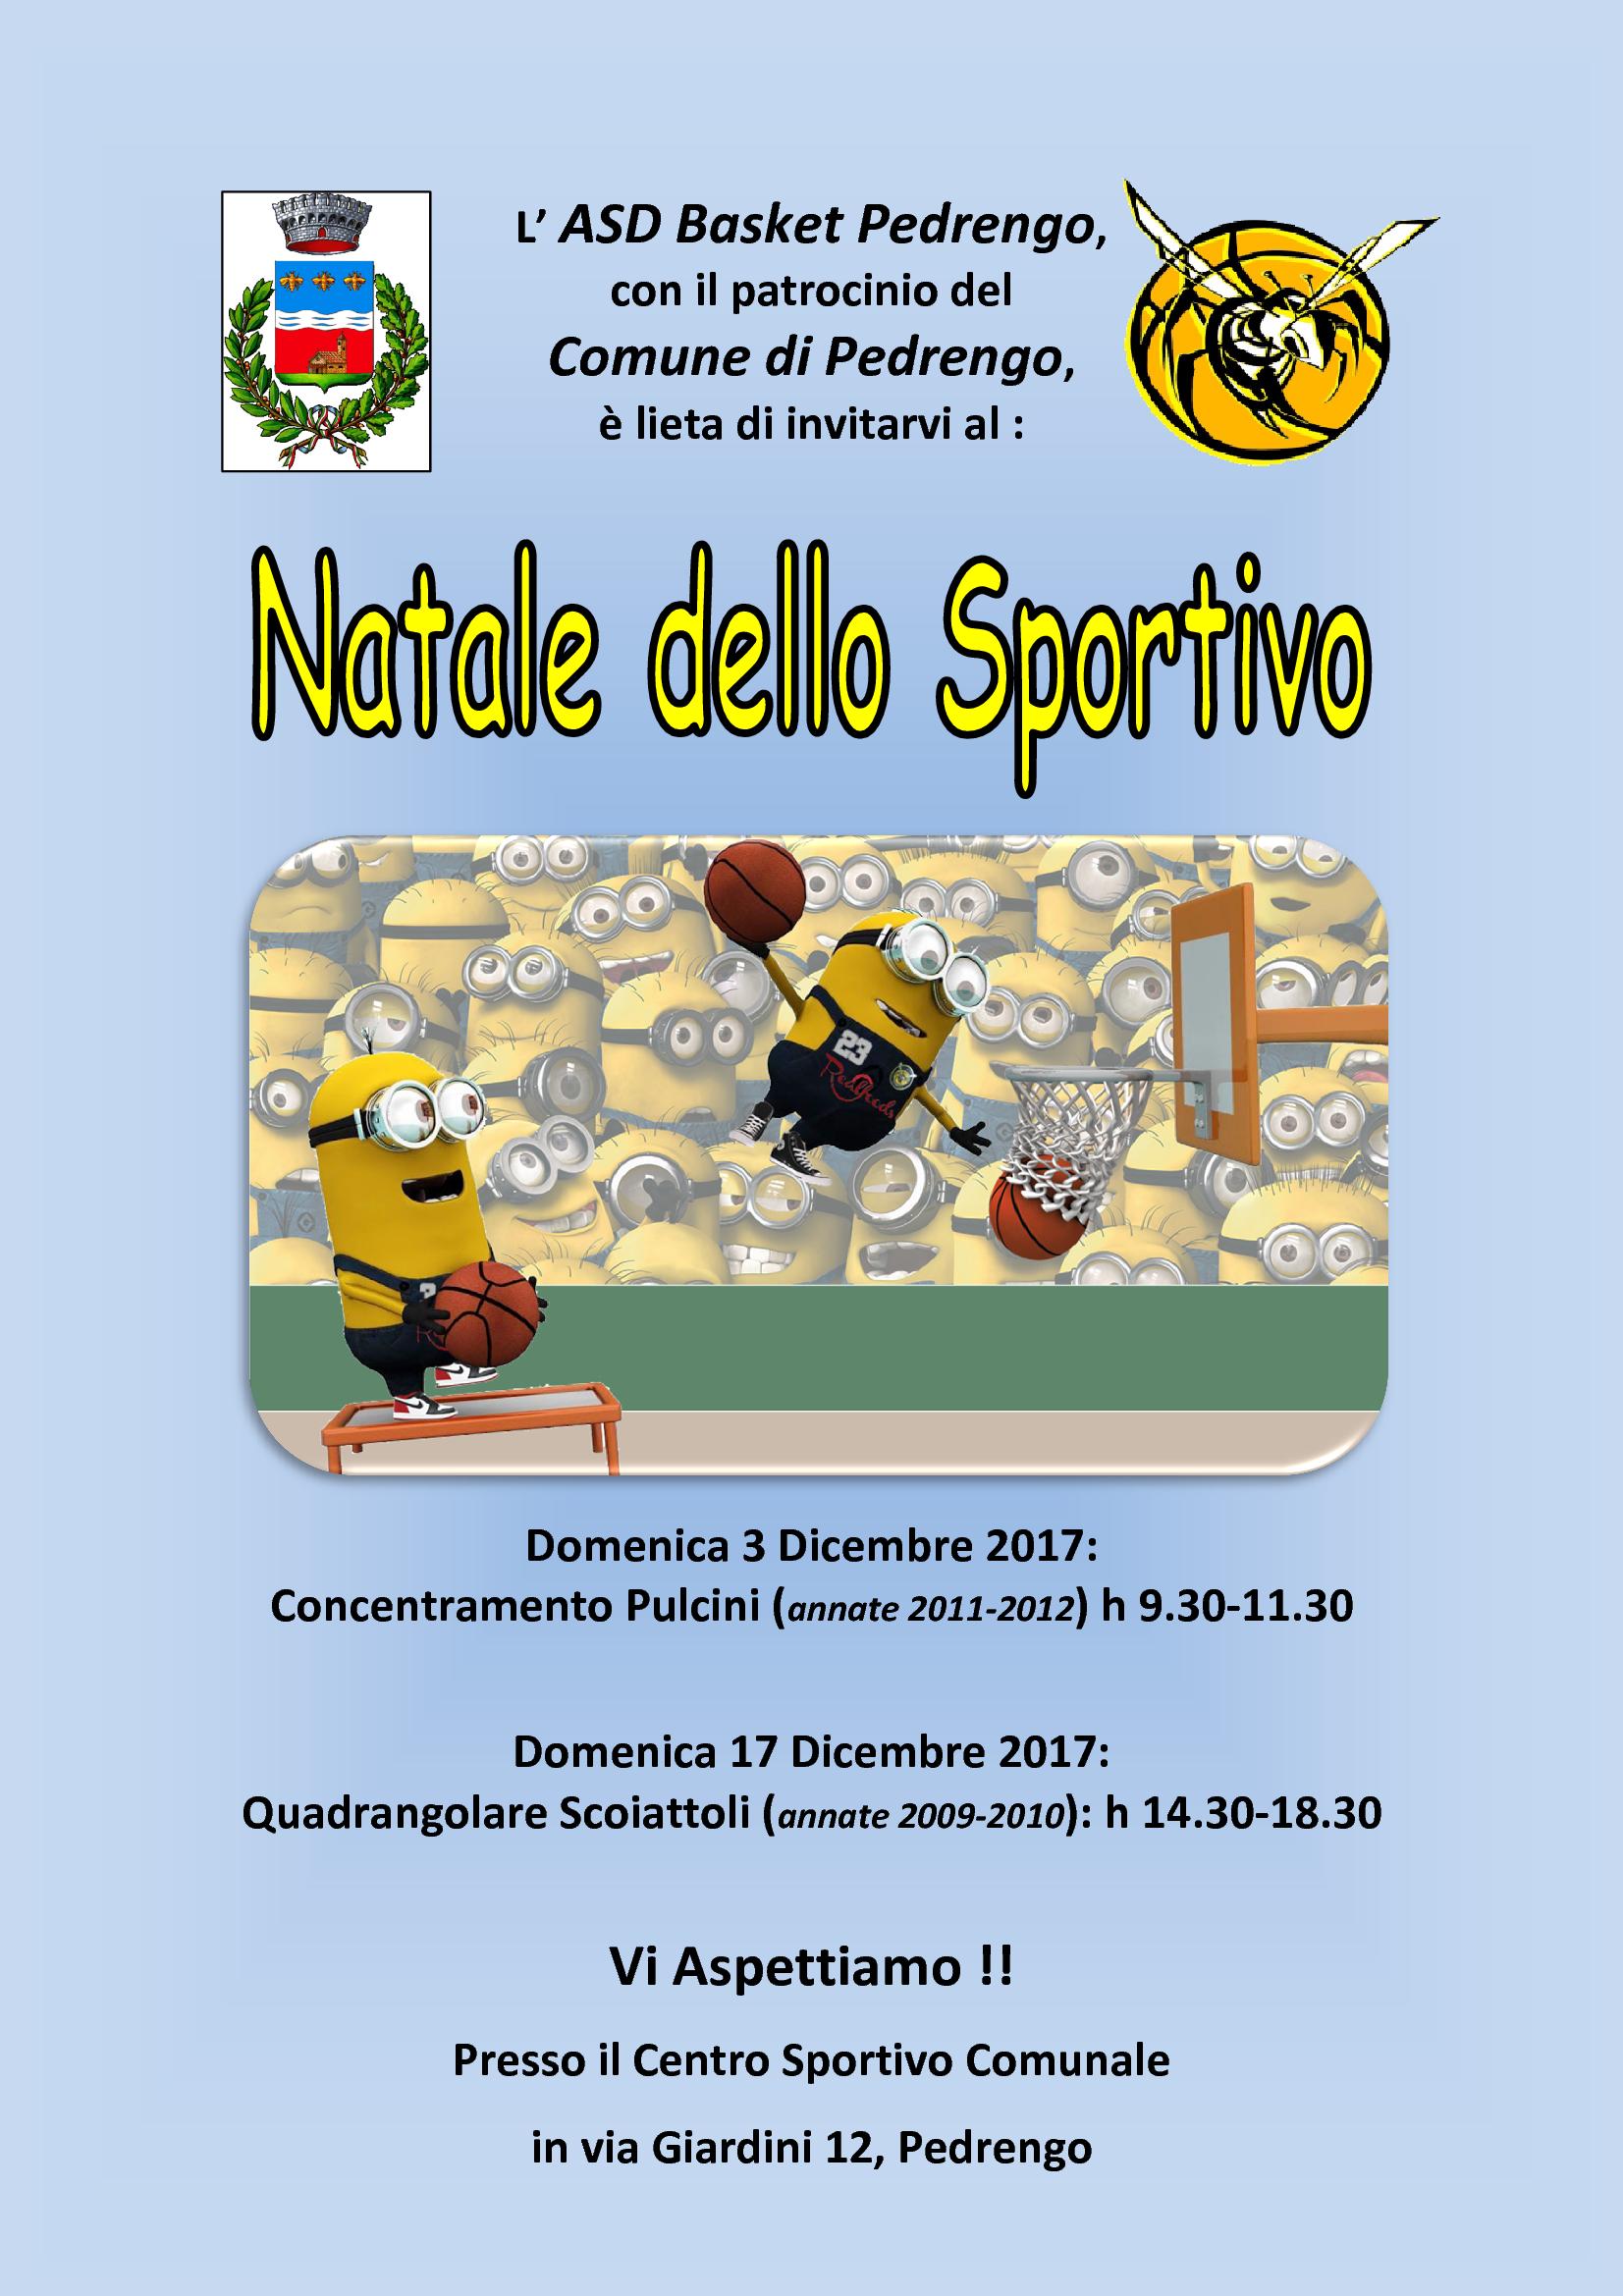 Natale dello Sportivo